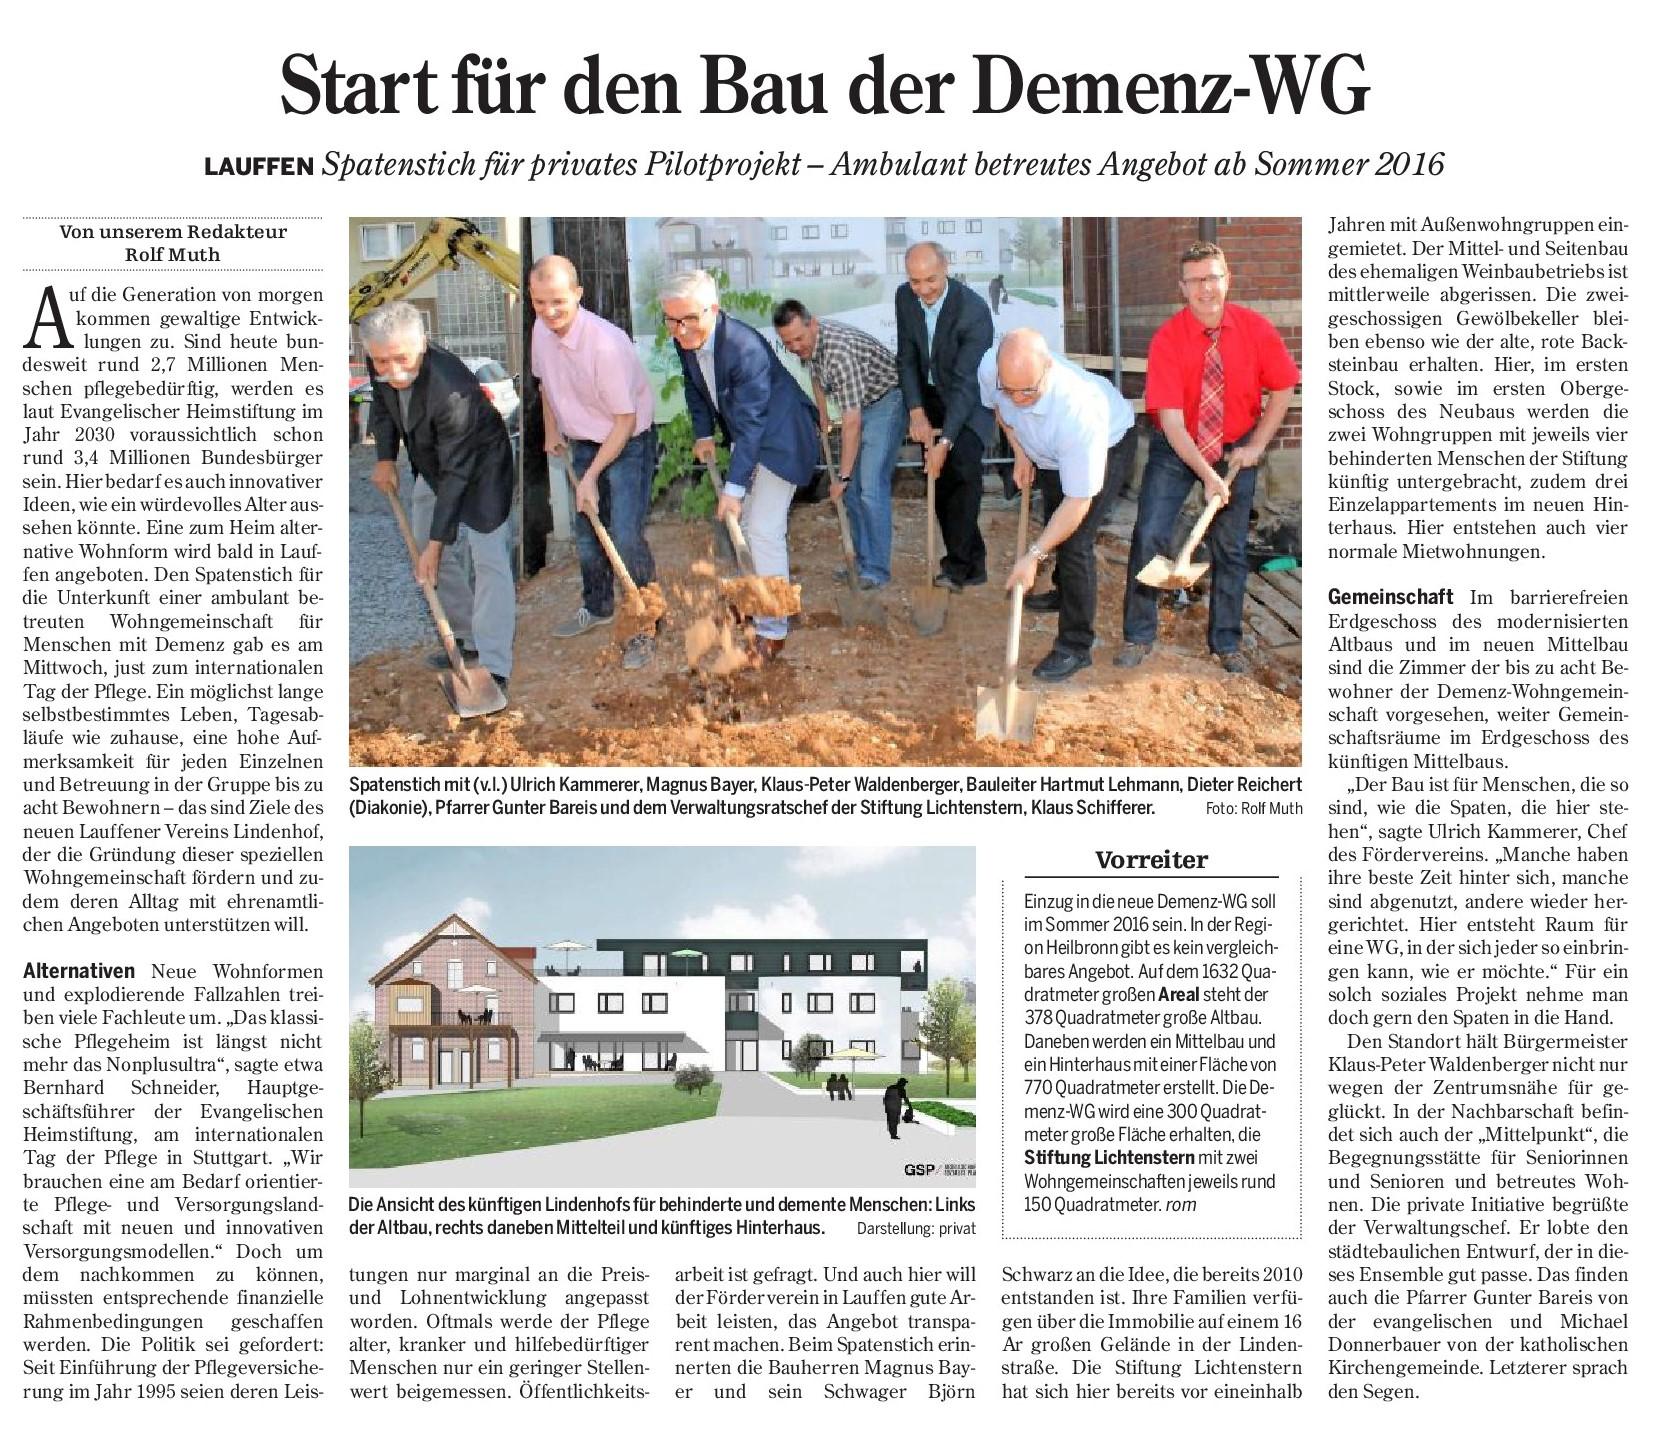 2015-05-16_Start für den Bau der Demenz-WG (Spatenstich)